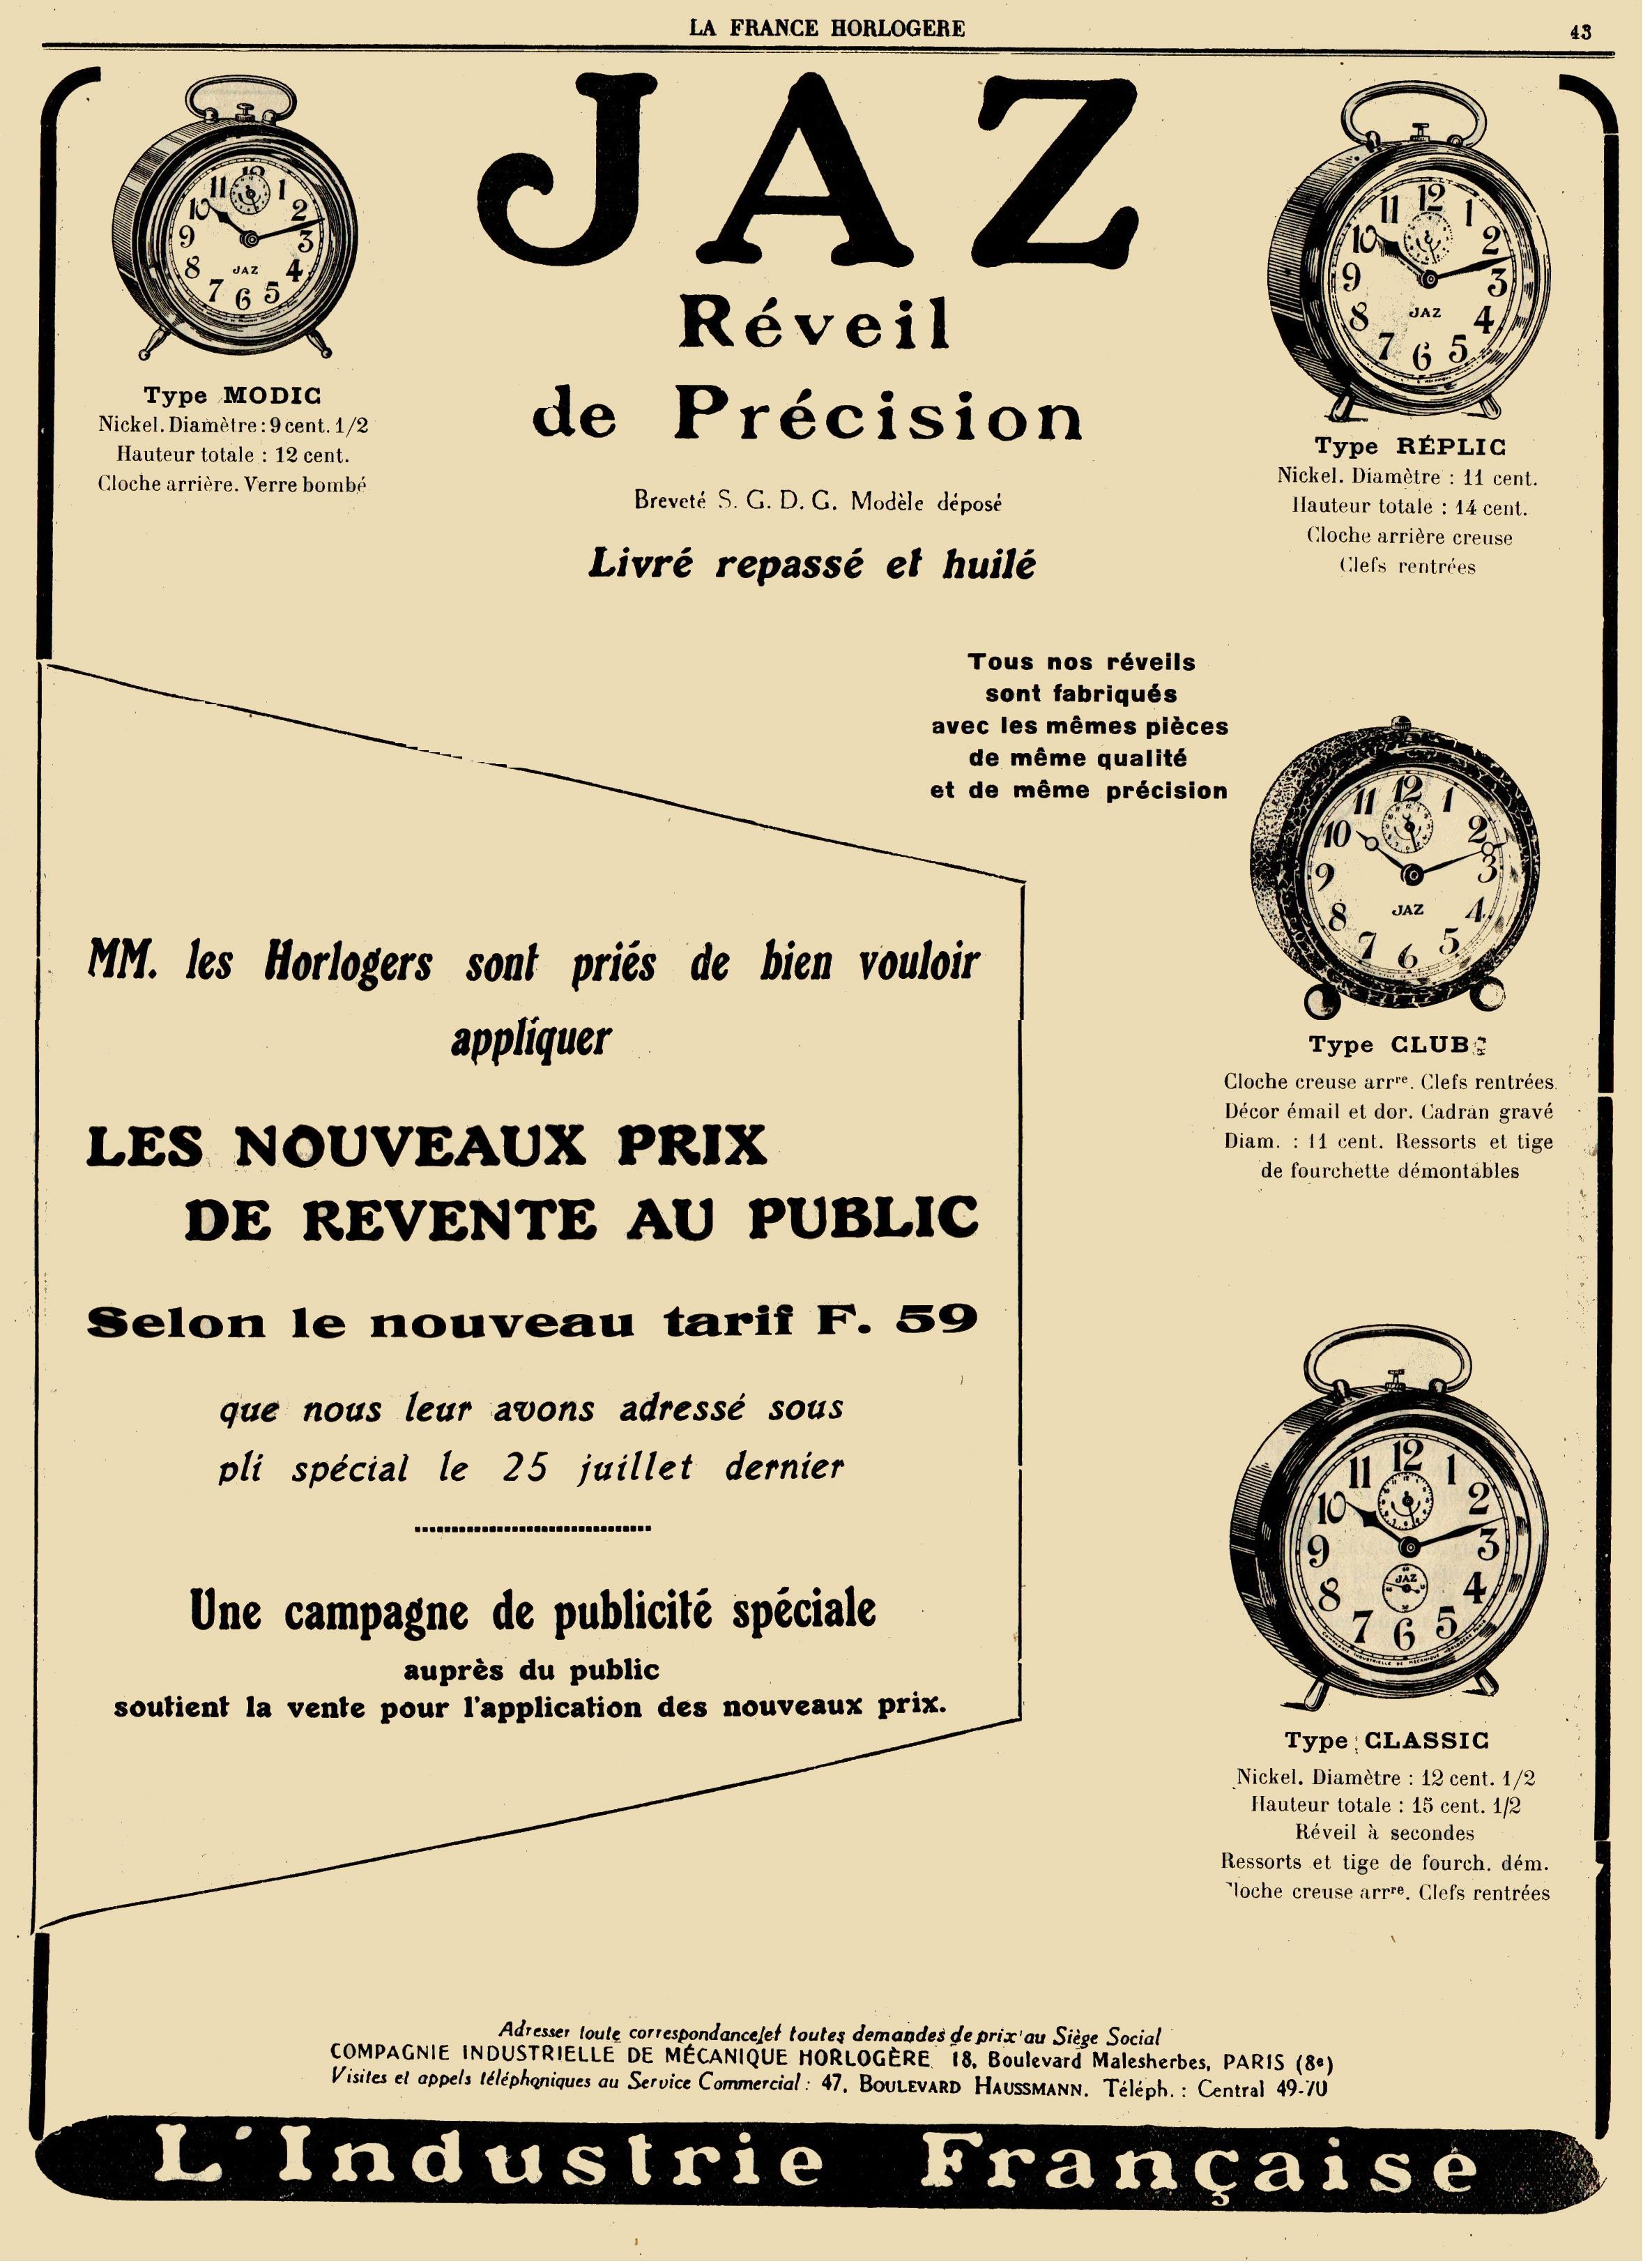 Jaz La France Horlogère 1°Oct 1927 26°année n°19.jpg